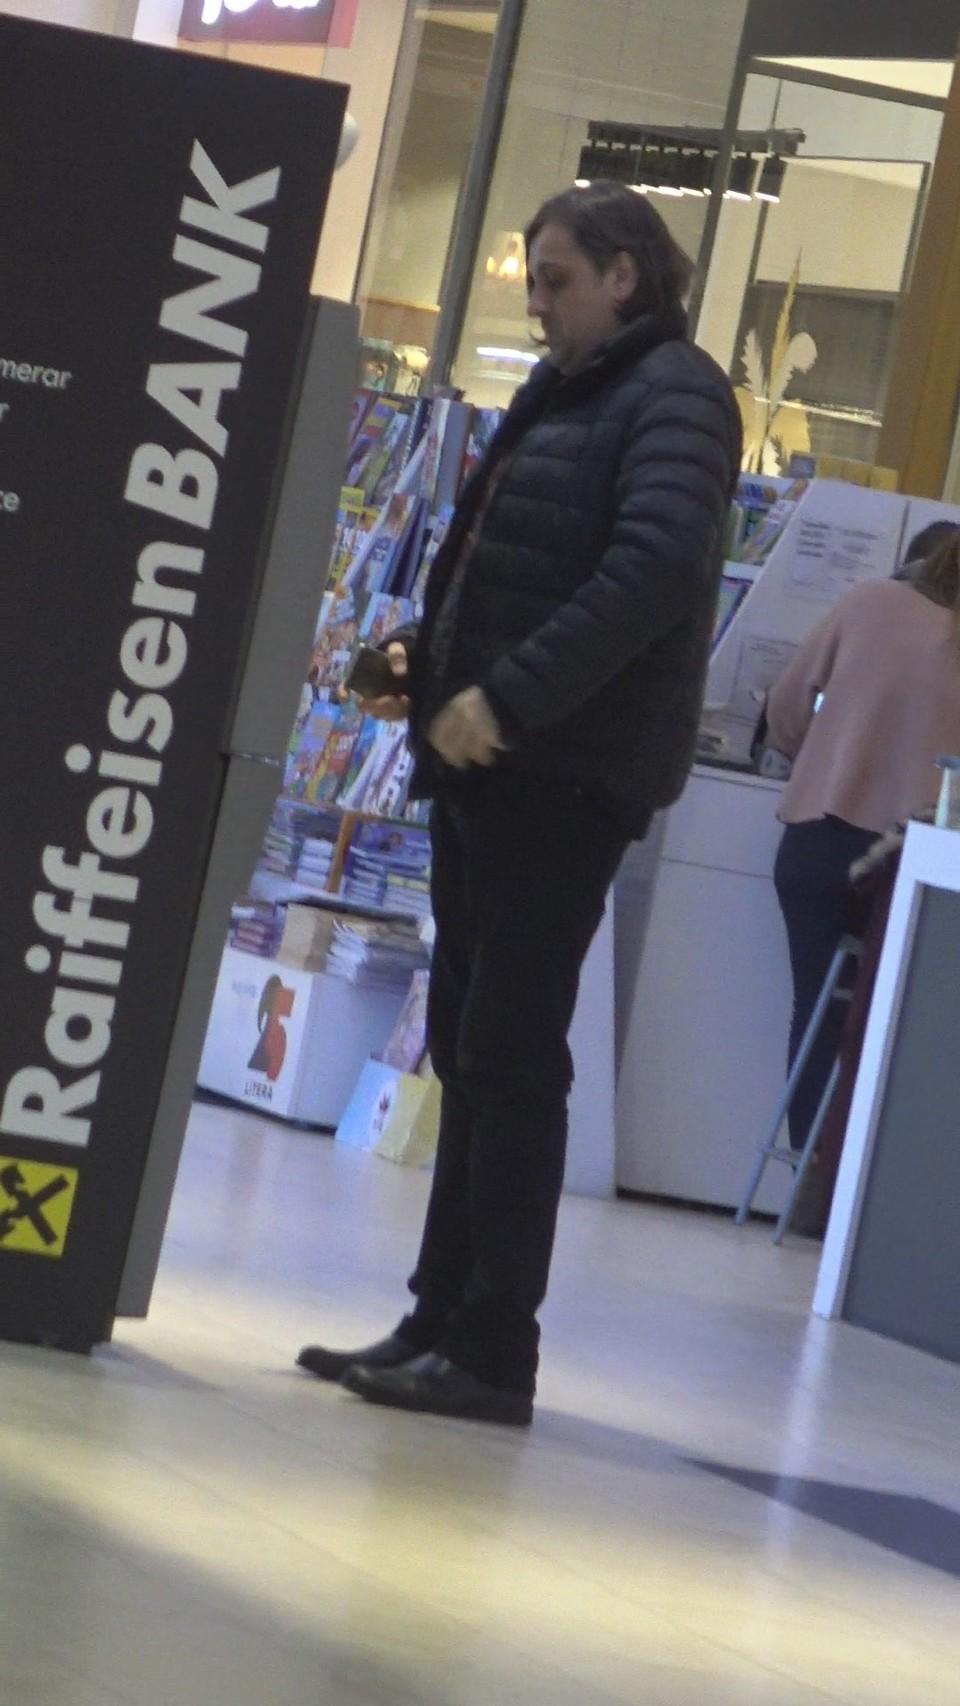 Ras, tuns si frezat, Petru Mircea pare alt barbat! Fostul sot al raposatei Madalina Manole si-a schimbat freza intr-un salon din mall   VIDEO EXCLUSIV